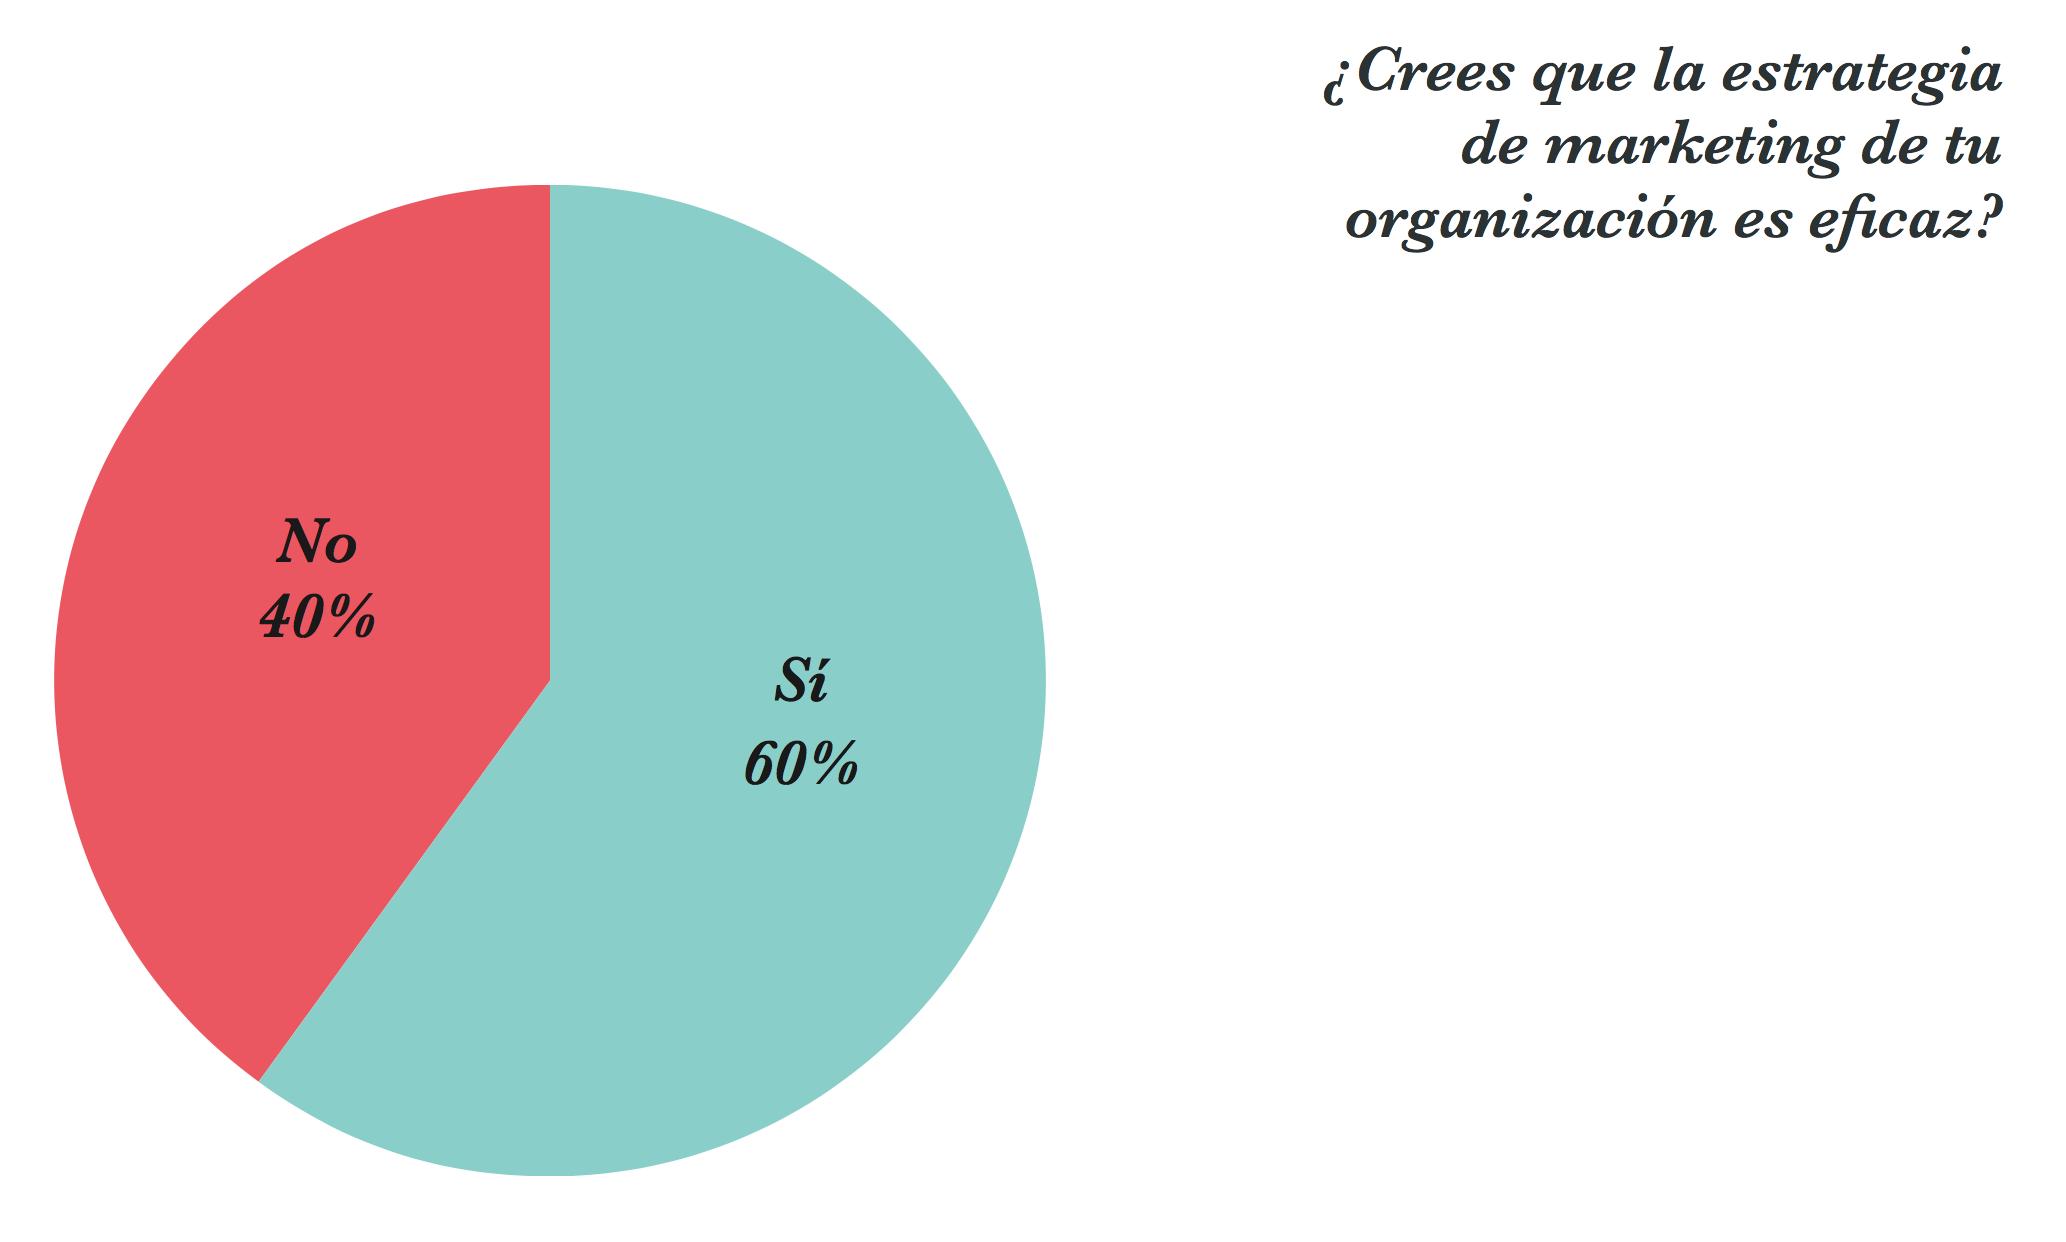 estadistica-resultados-marketing-eficaz.png